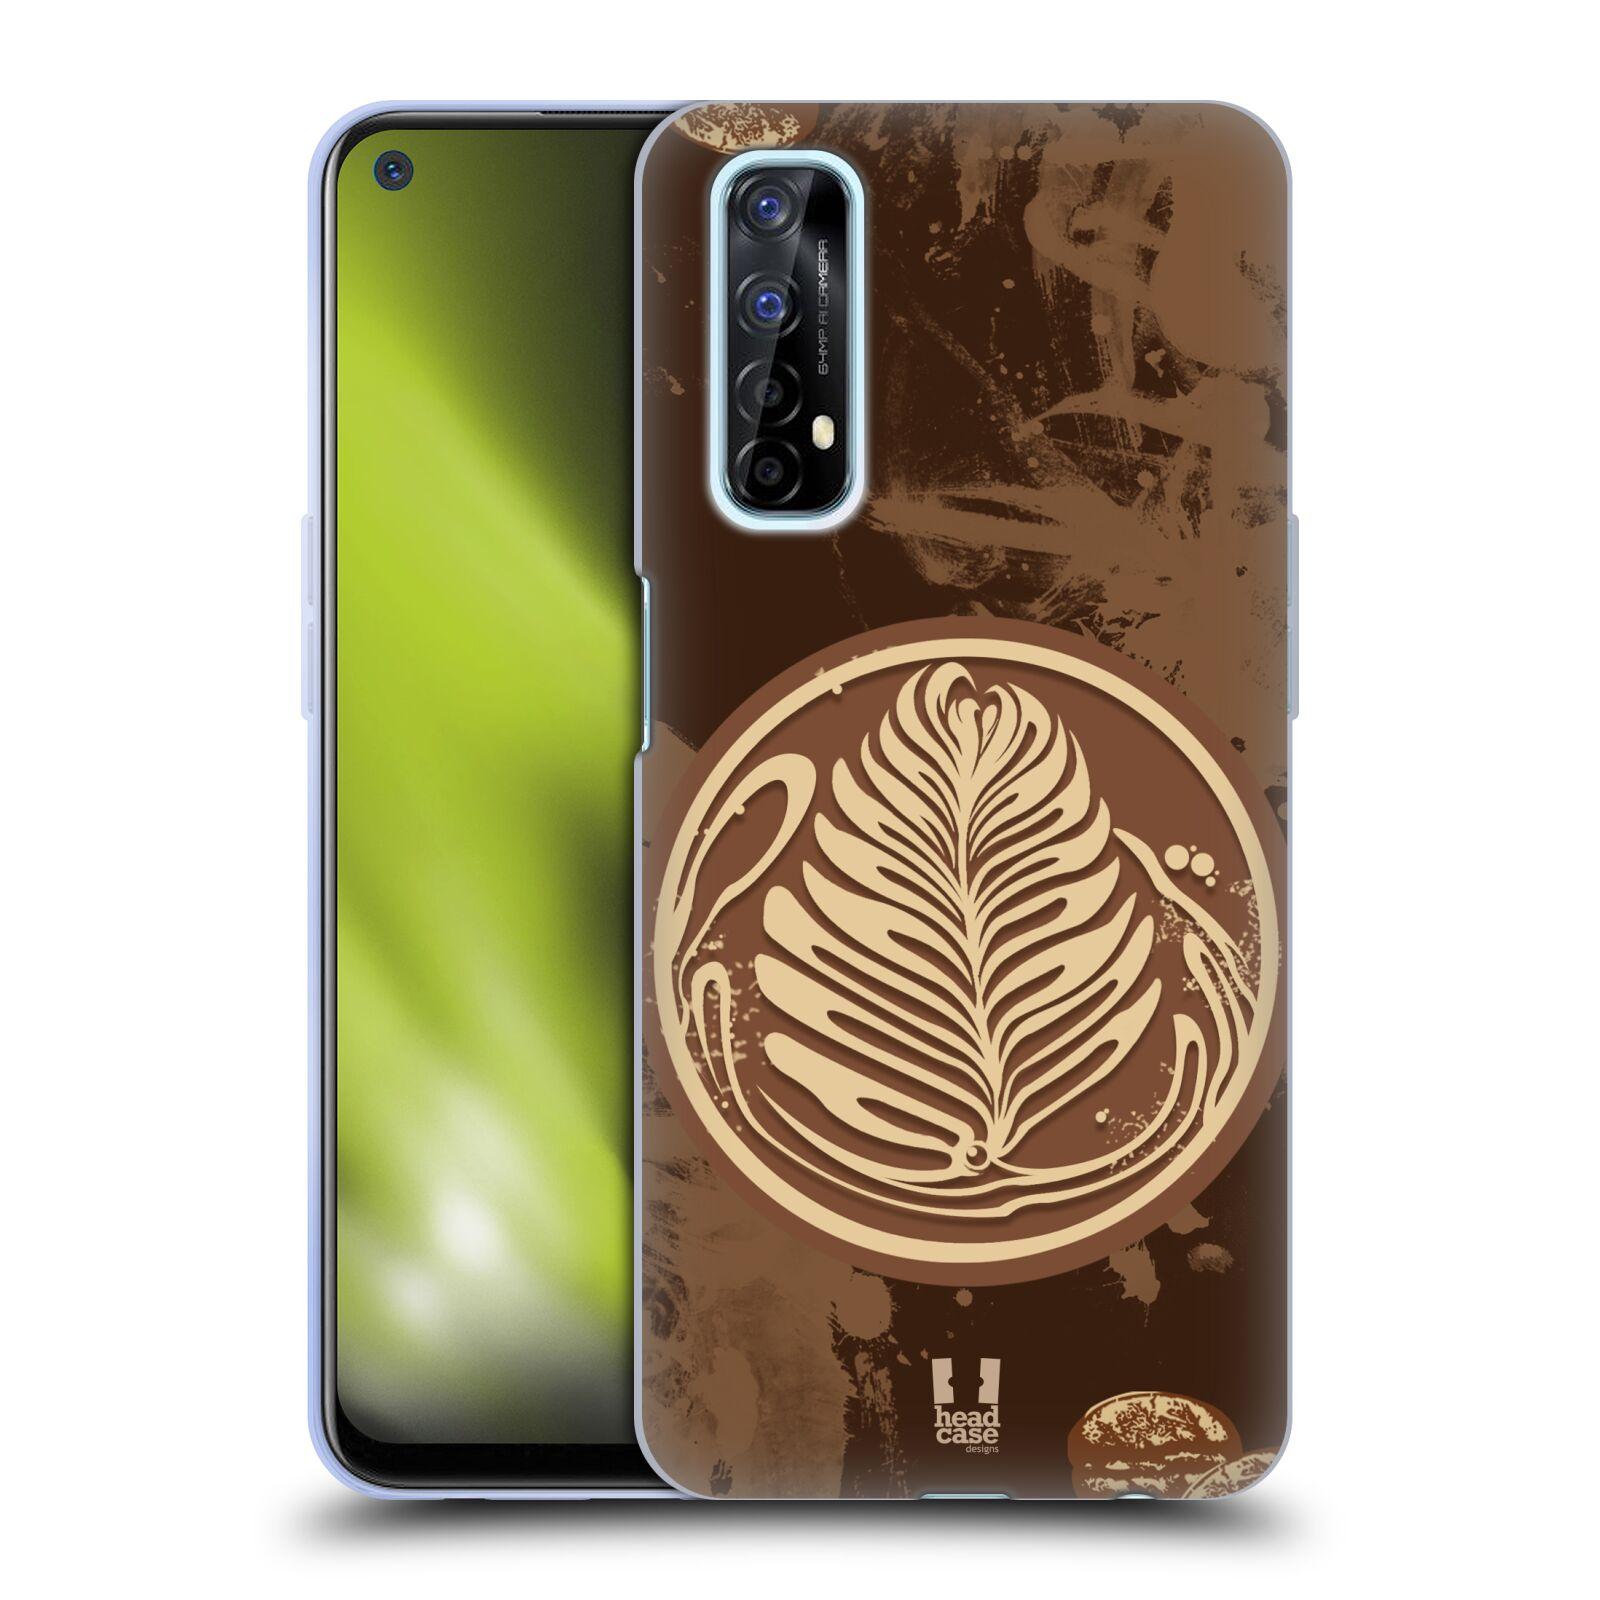 Silikonové pouzdro na mobil Realme 7 - Head Case - Coffee Art